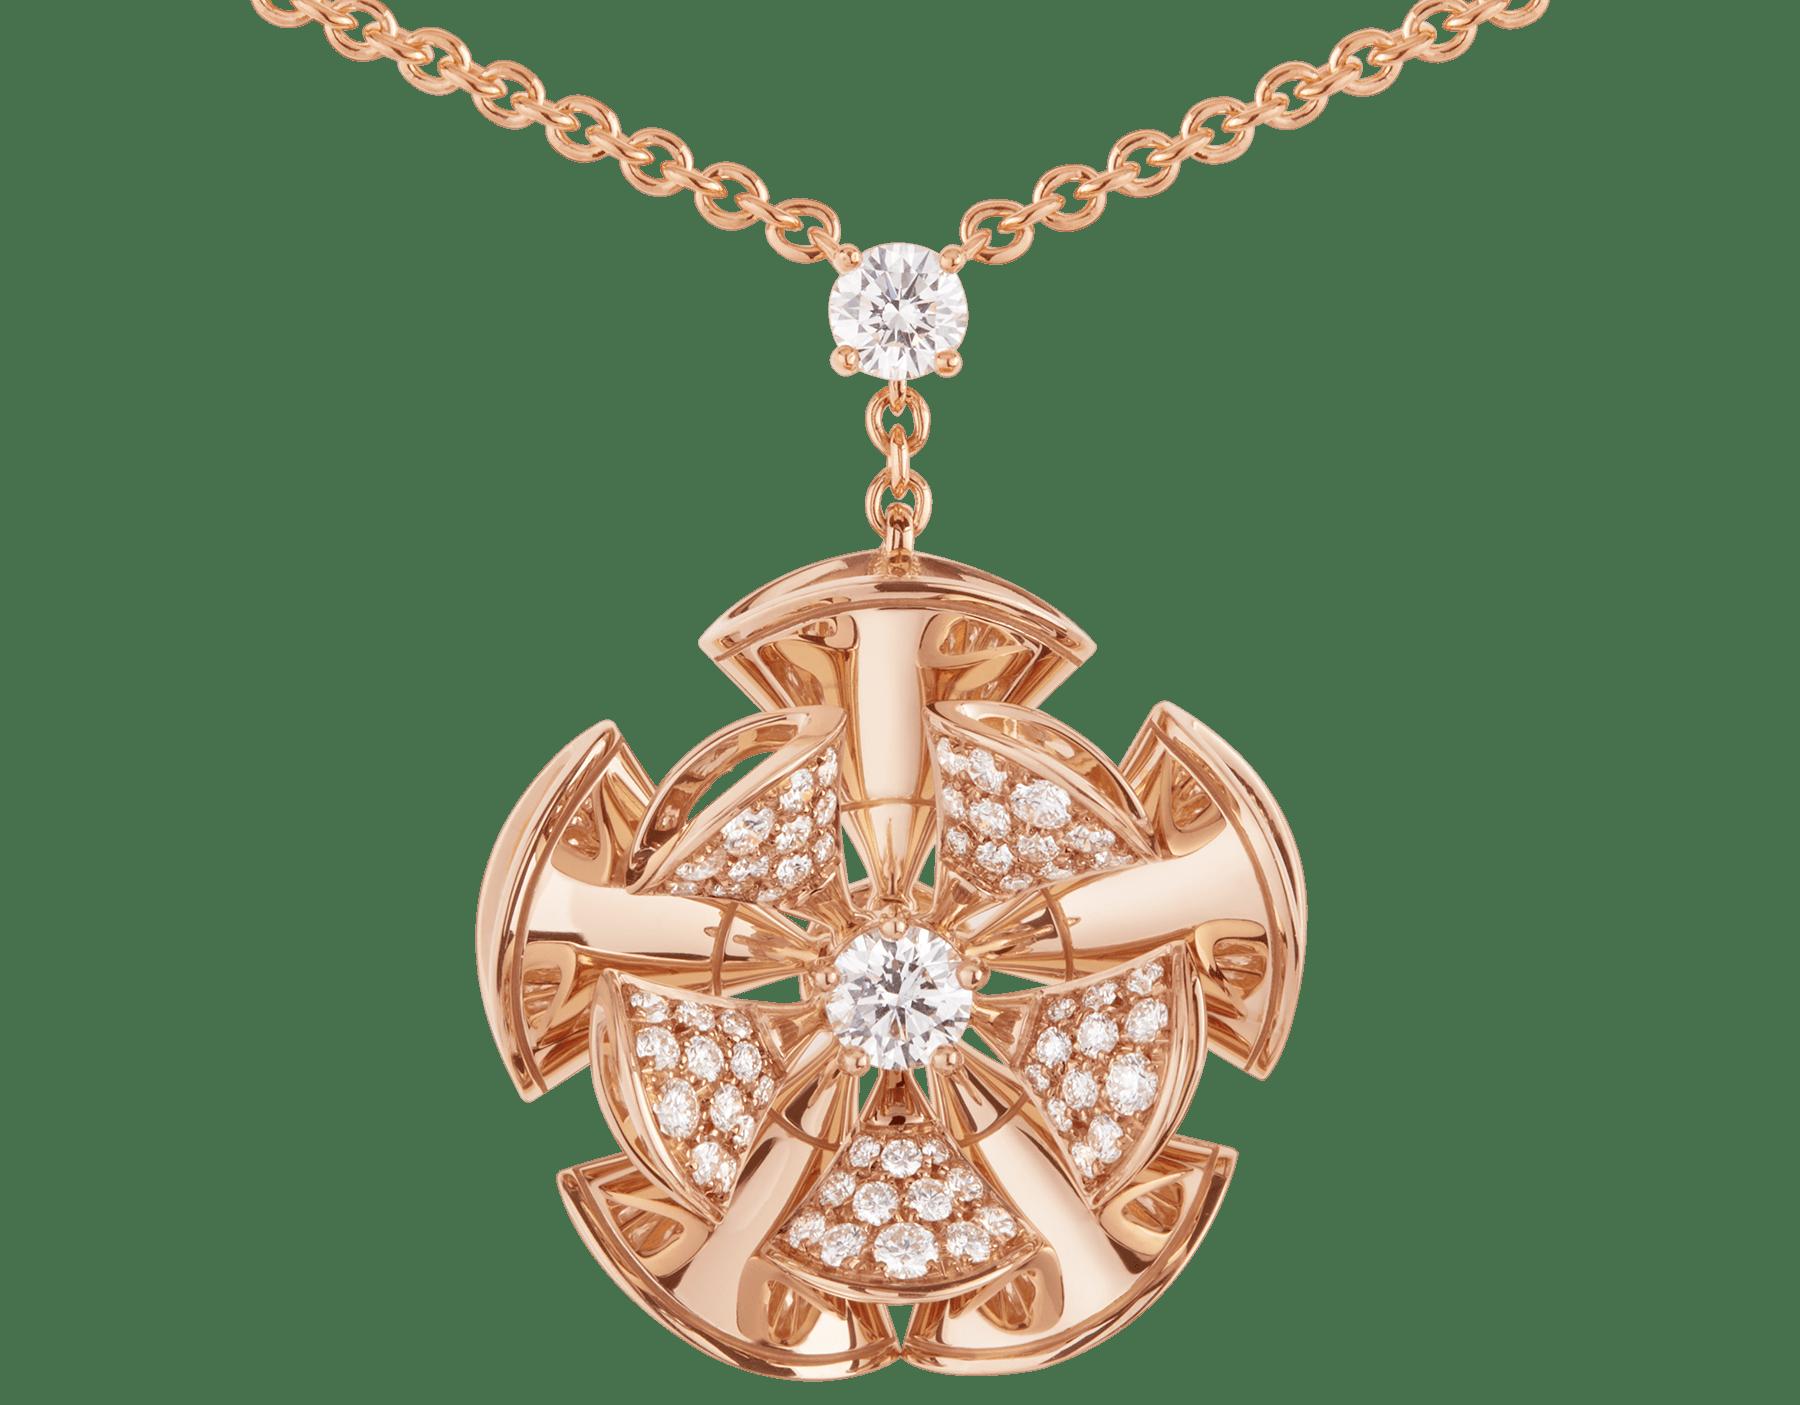 Resplandecendo com a elegância floral de pétalas de ouro rosa e diamantes cravejados, o colar DIVAS' DREAM reina supremo no jardim do glamour. 350783 image 3